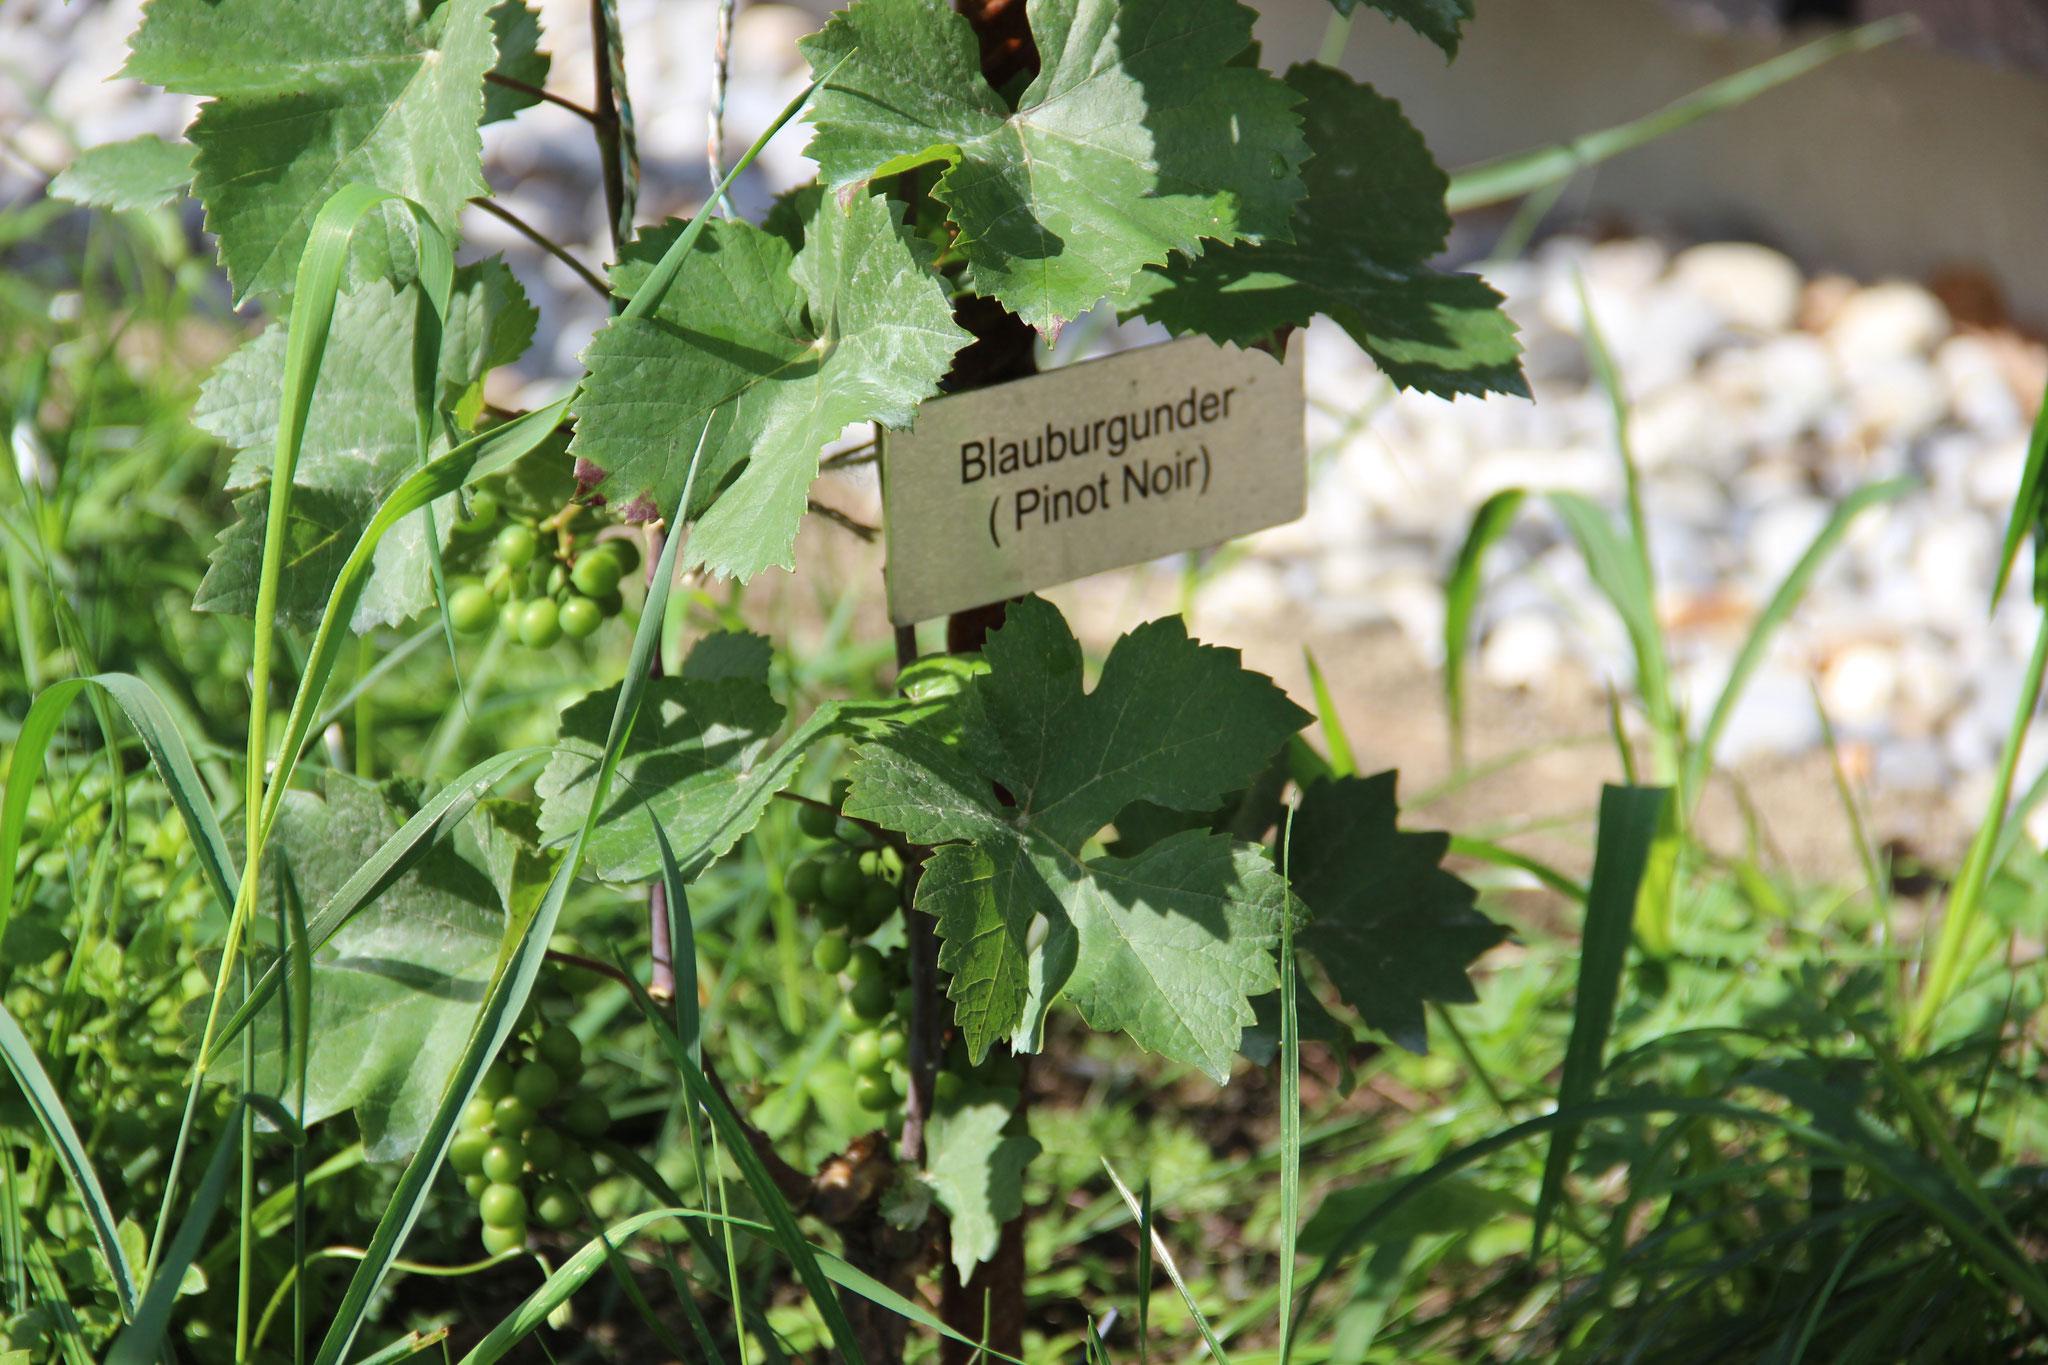 Beim Blauburgunder kann bereits mit einer kleinen Ernte gerechnet werden.